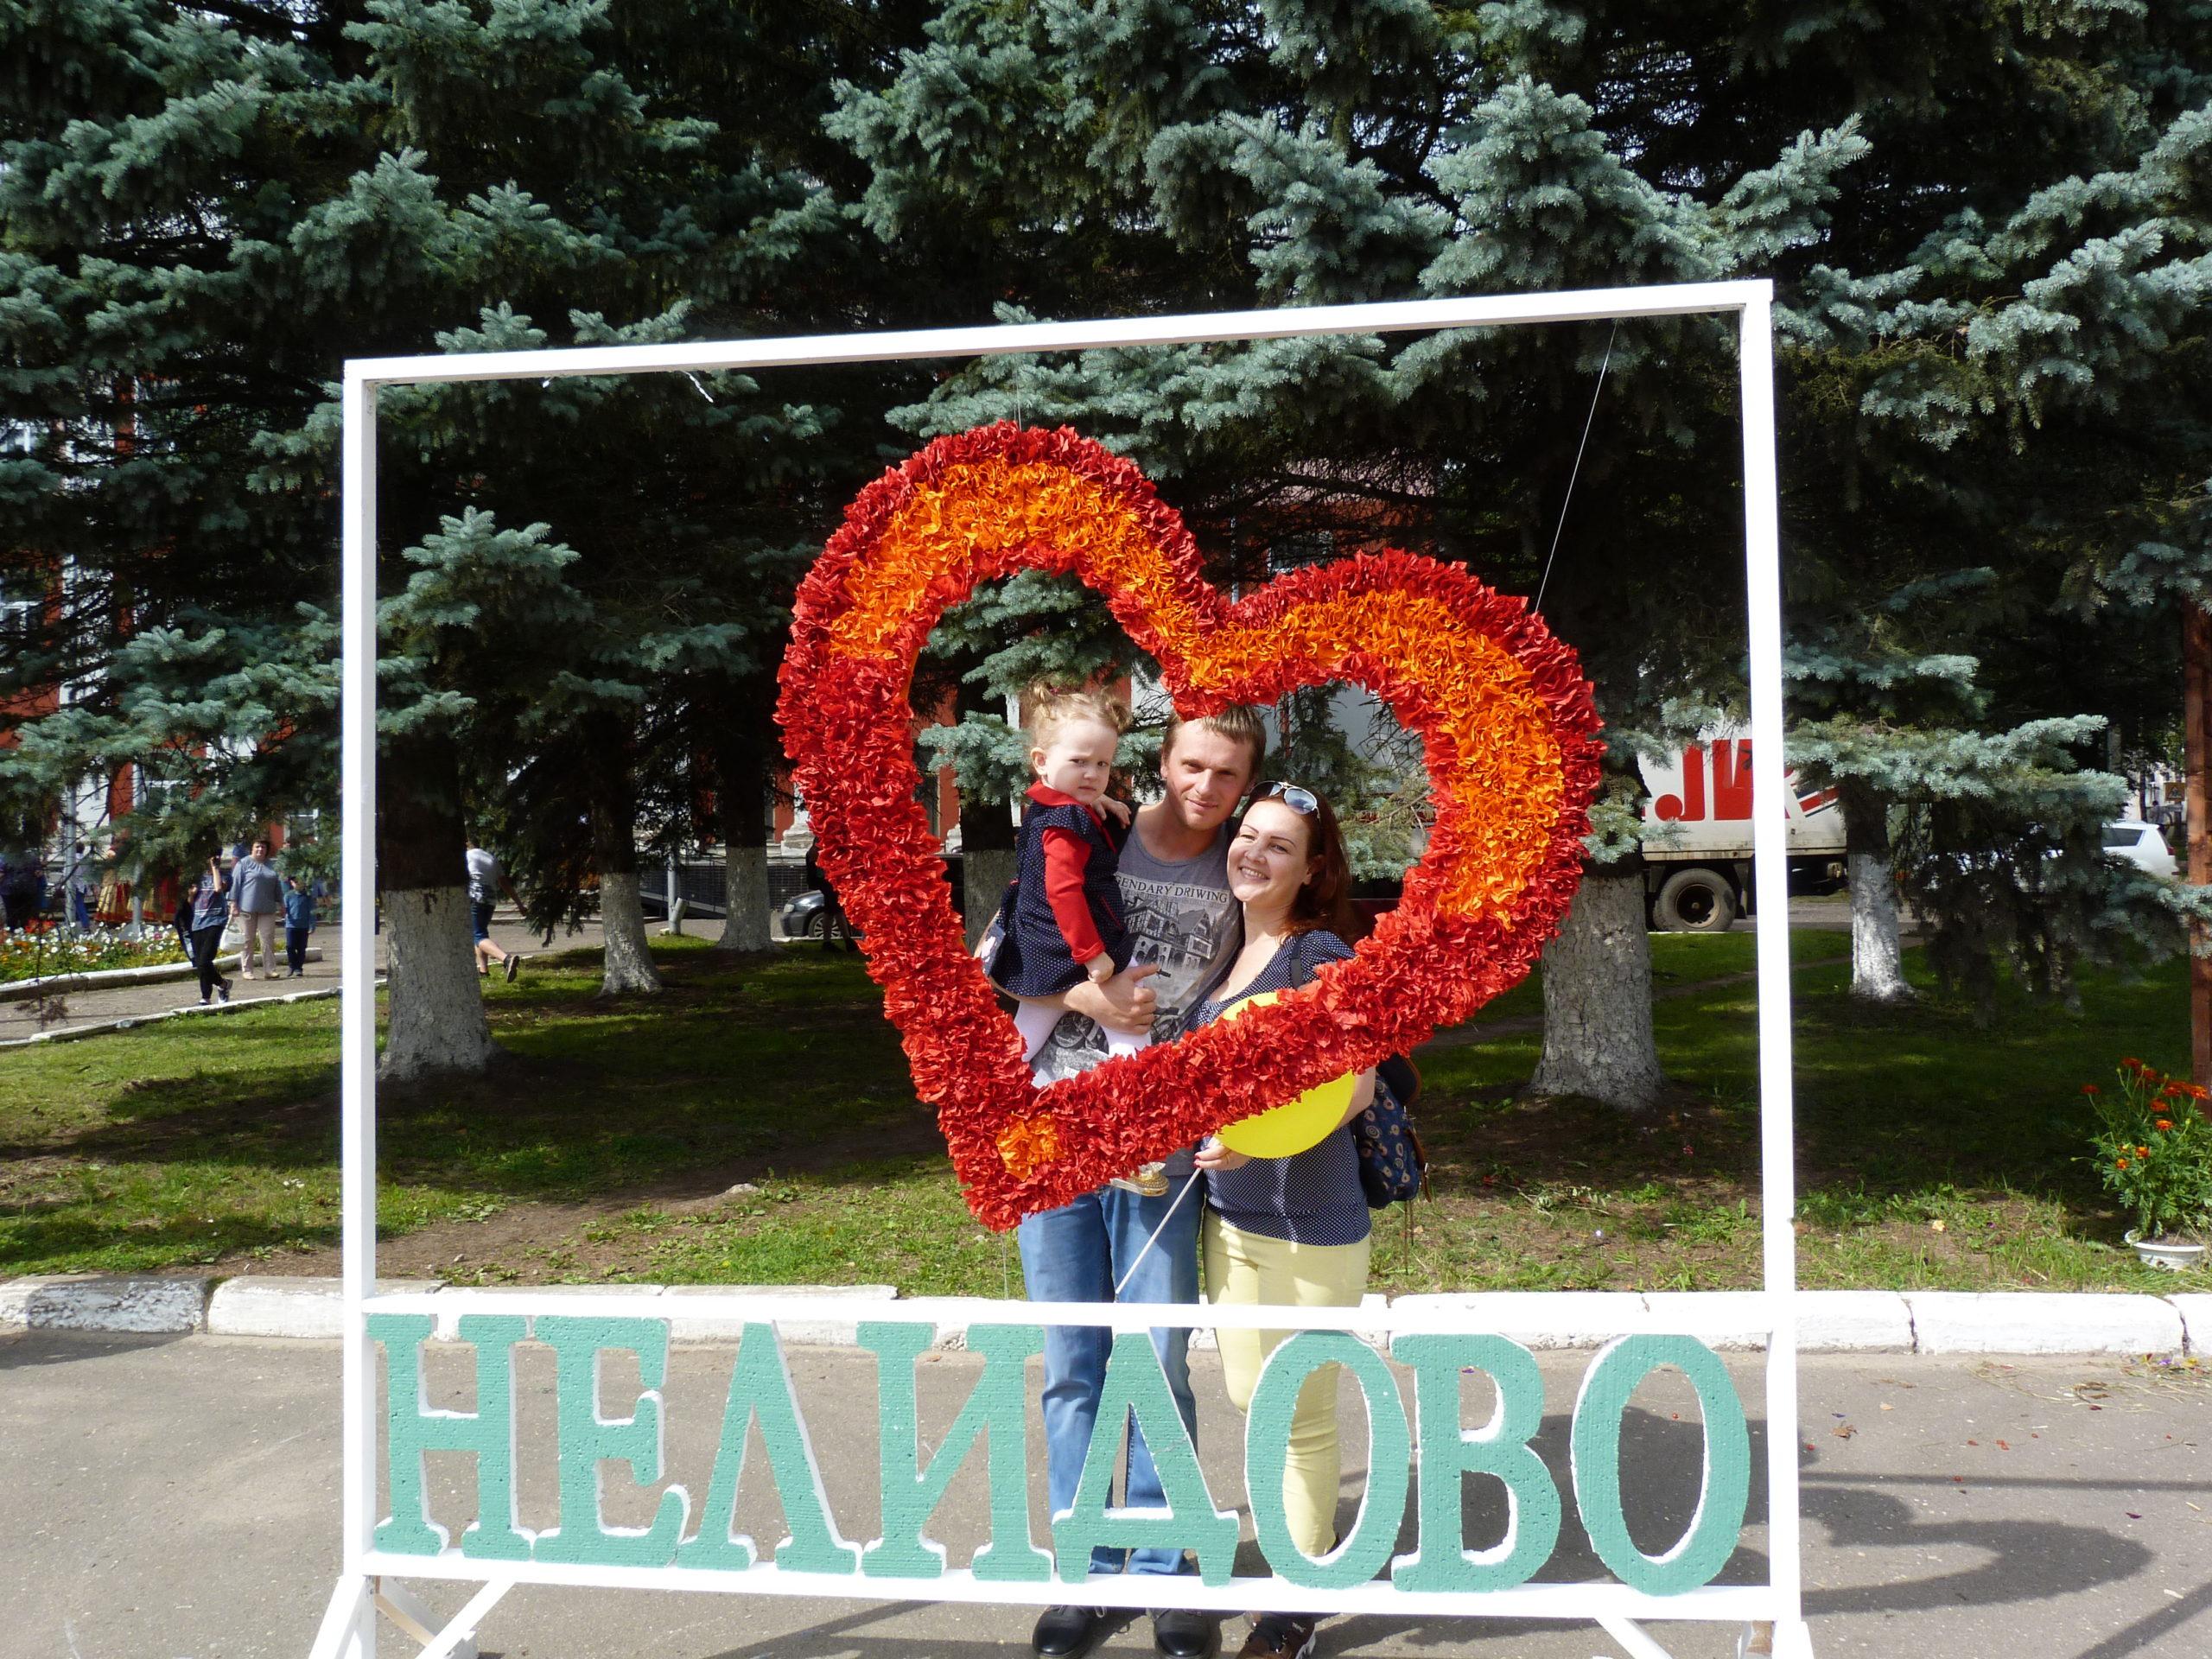 В Тверской области празднуют день Нелидовского района